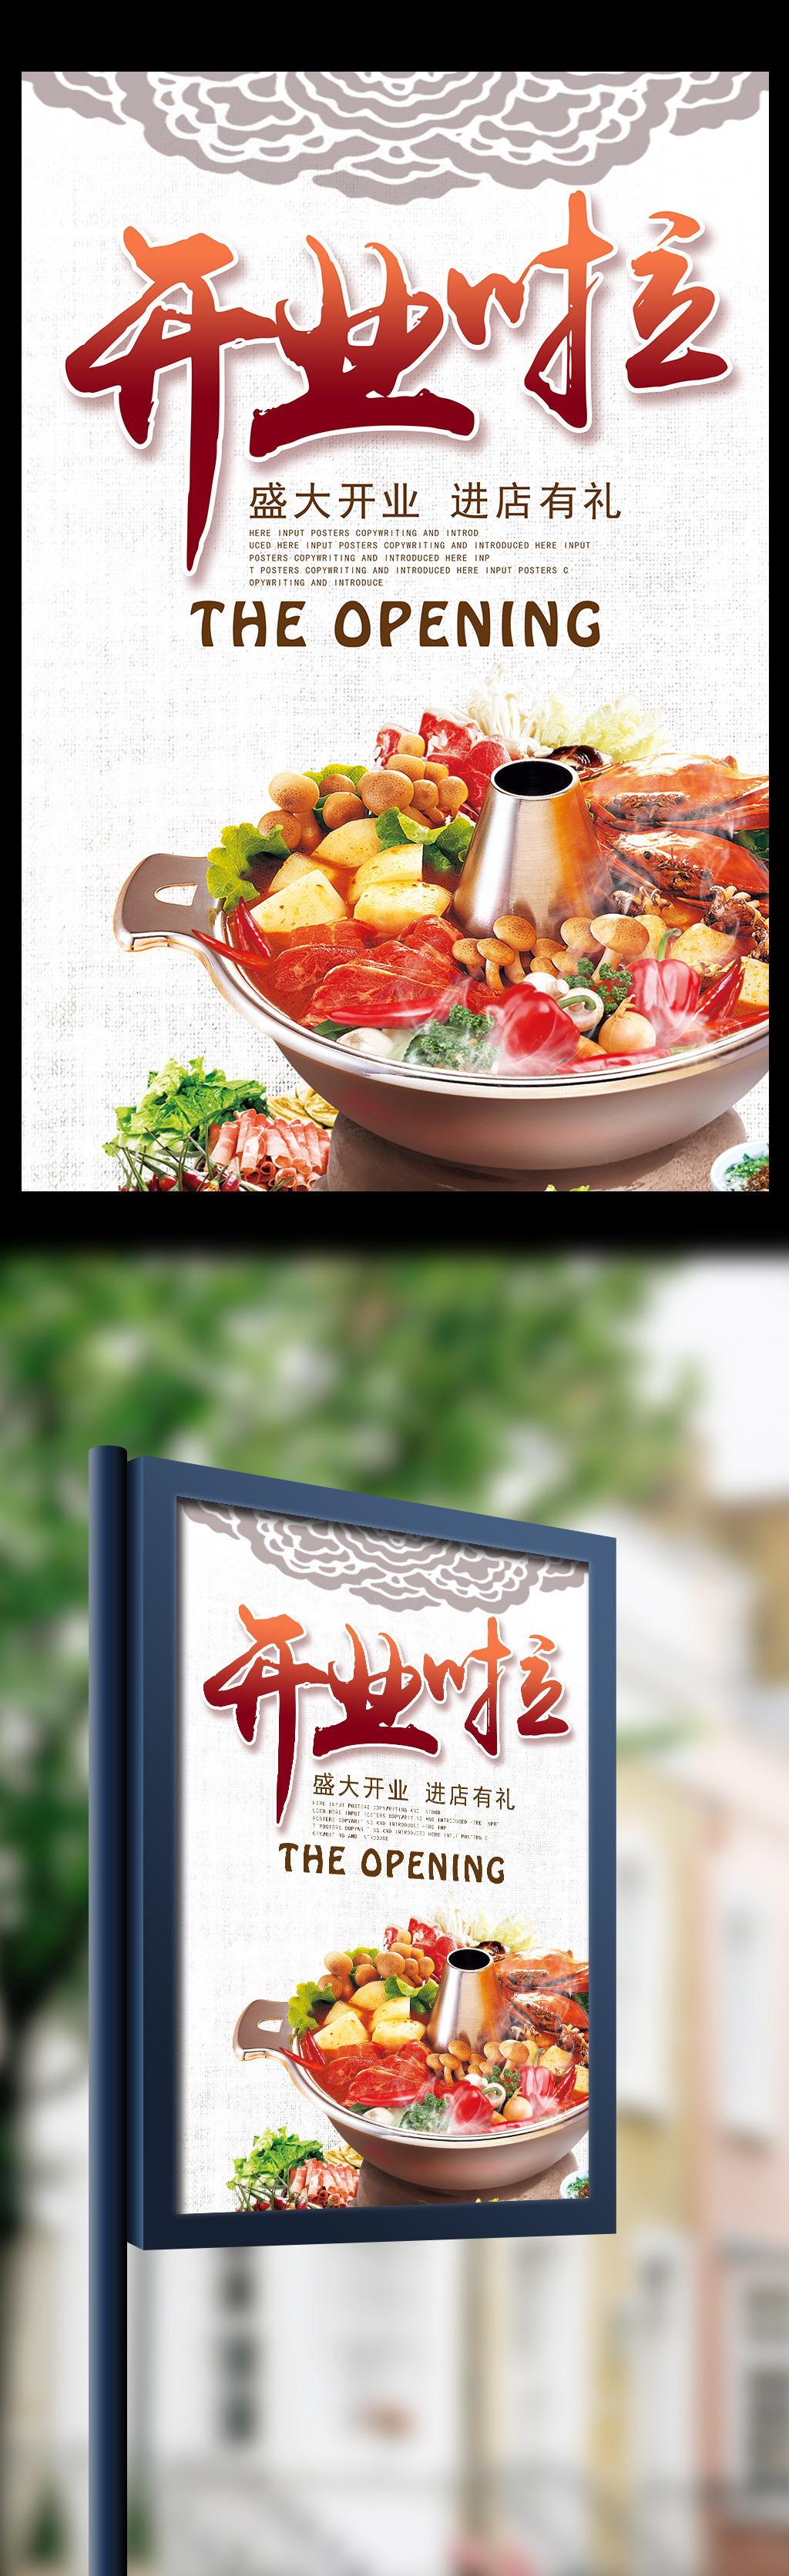 火锅开业宣传海报模板下载